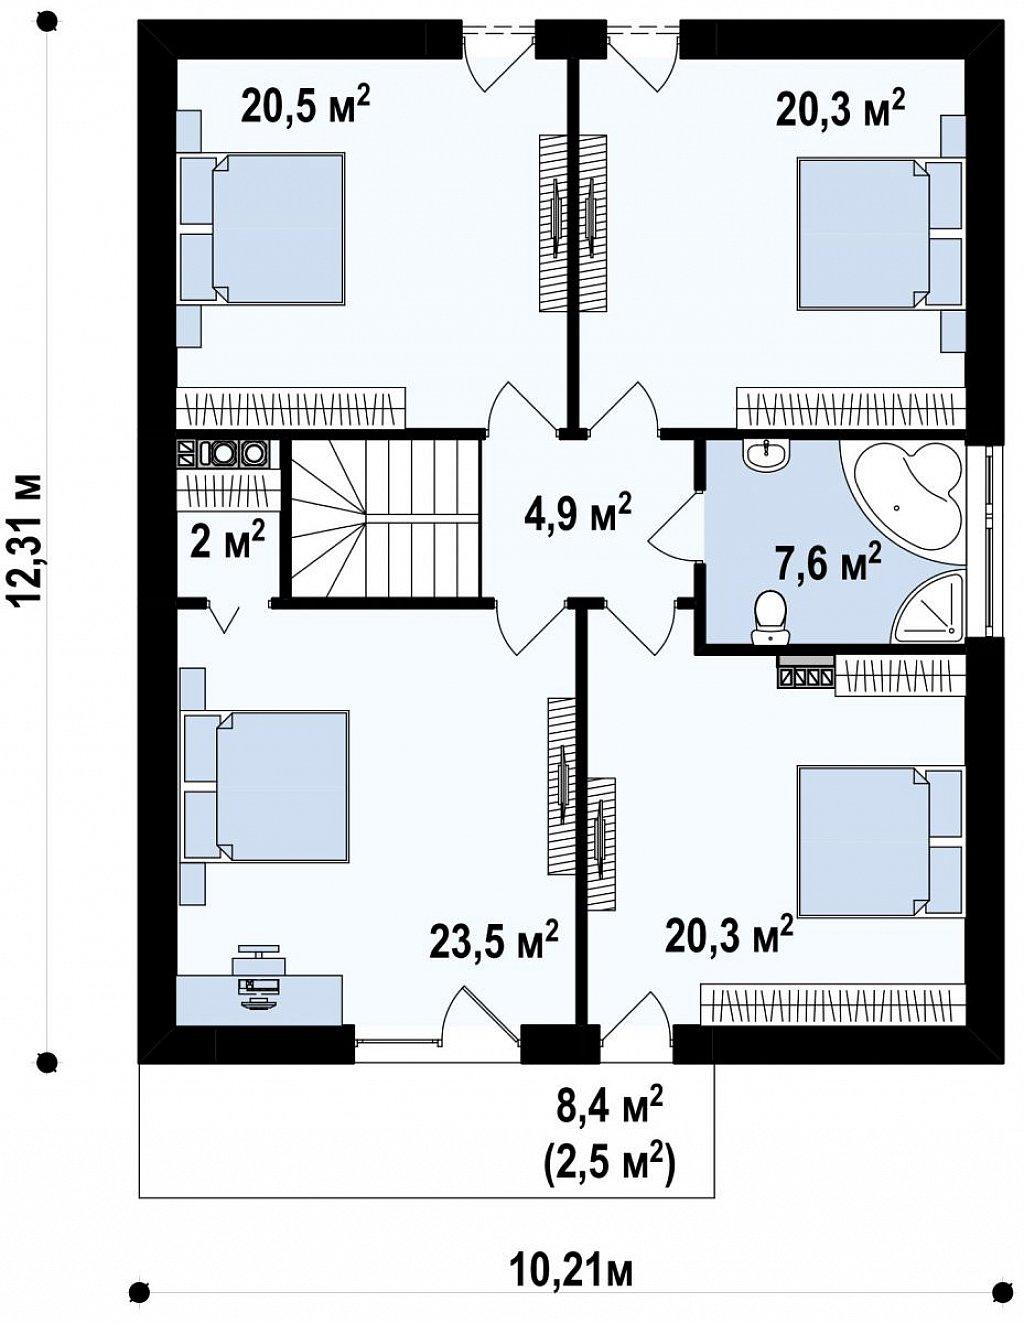 Стильный комфортный дом современного дизайна со встроенным гаражом. план помещений 2